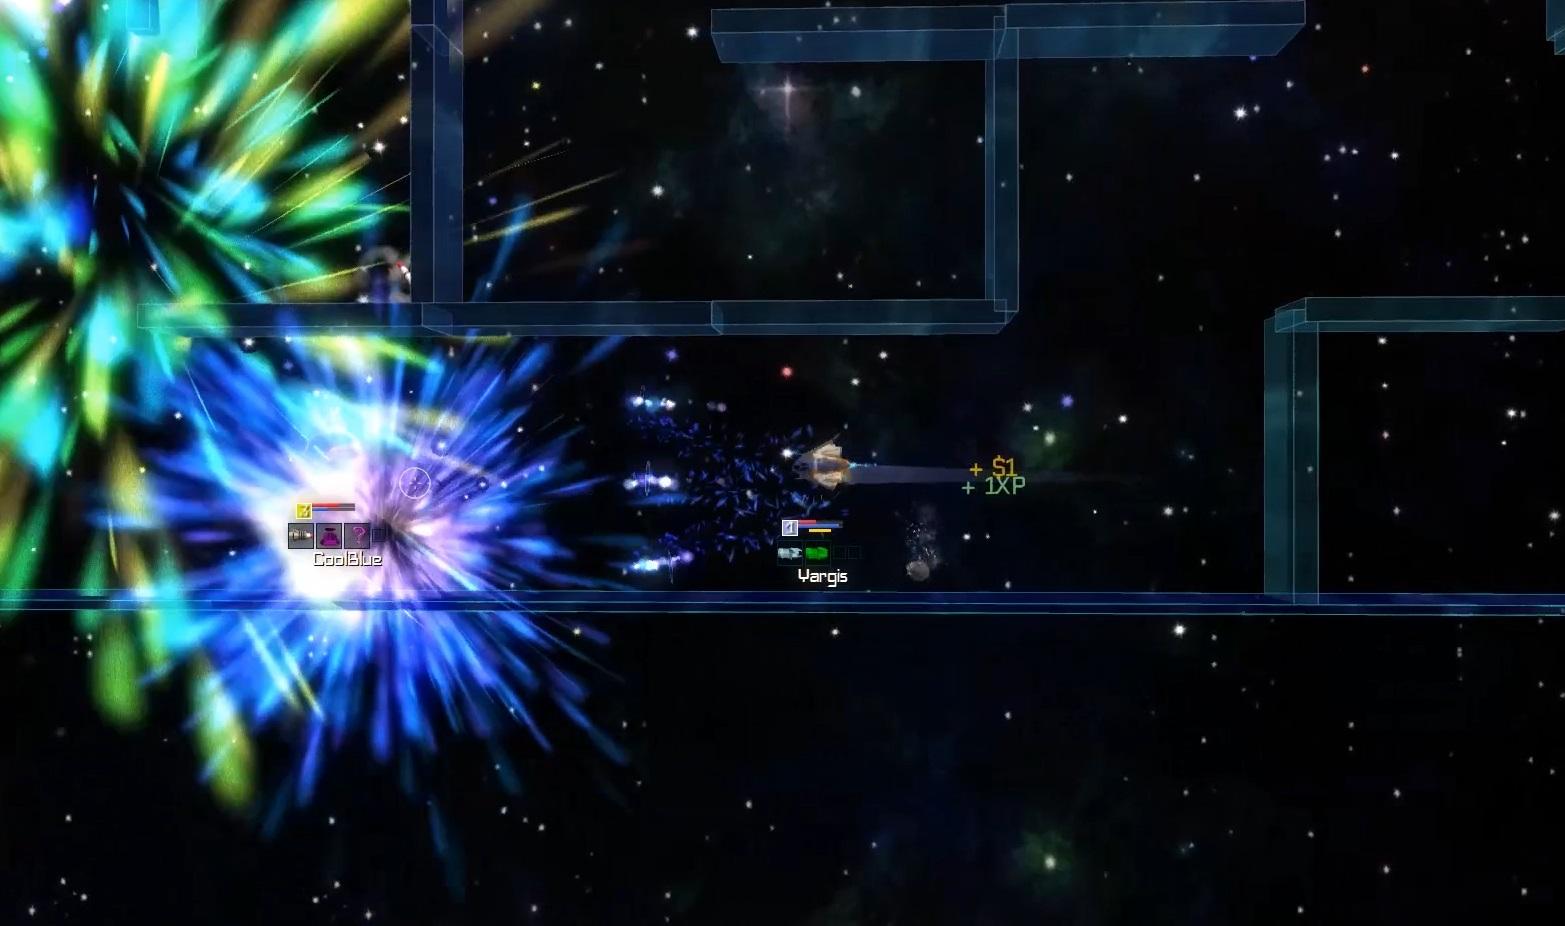 Yargis - Soundtrack / Artwork screenshot